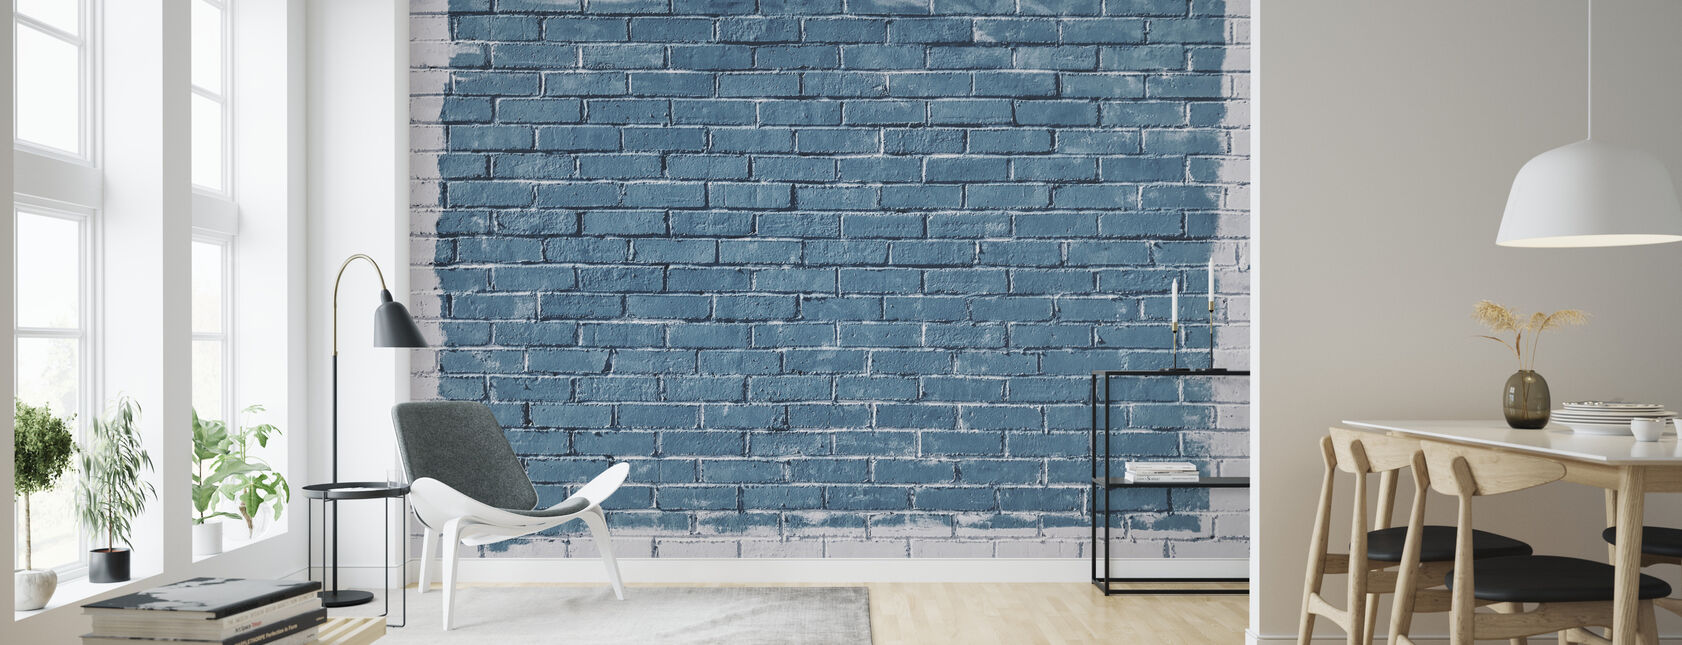 Valkoinen ja sininen tiiliseinä - Tapetti - Olohuone